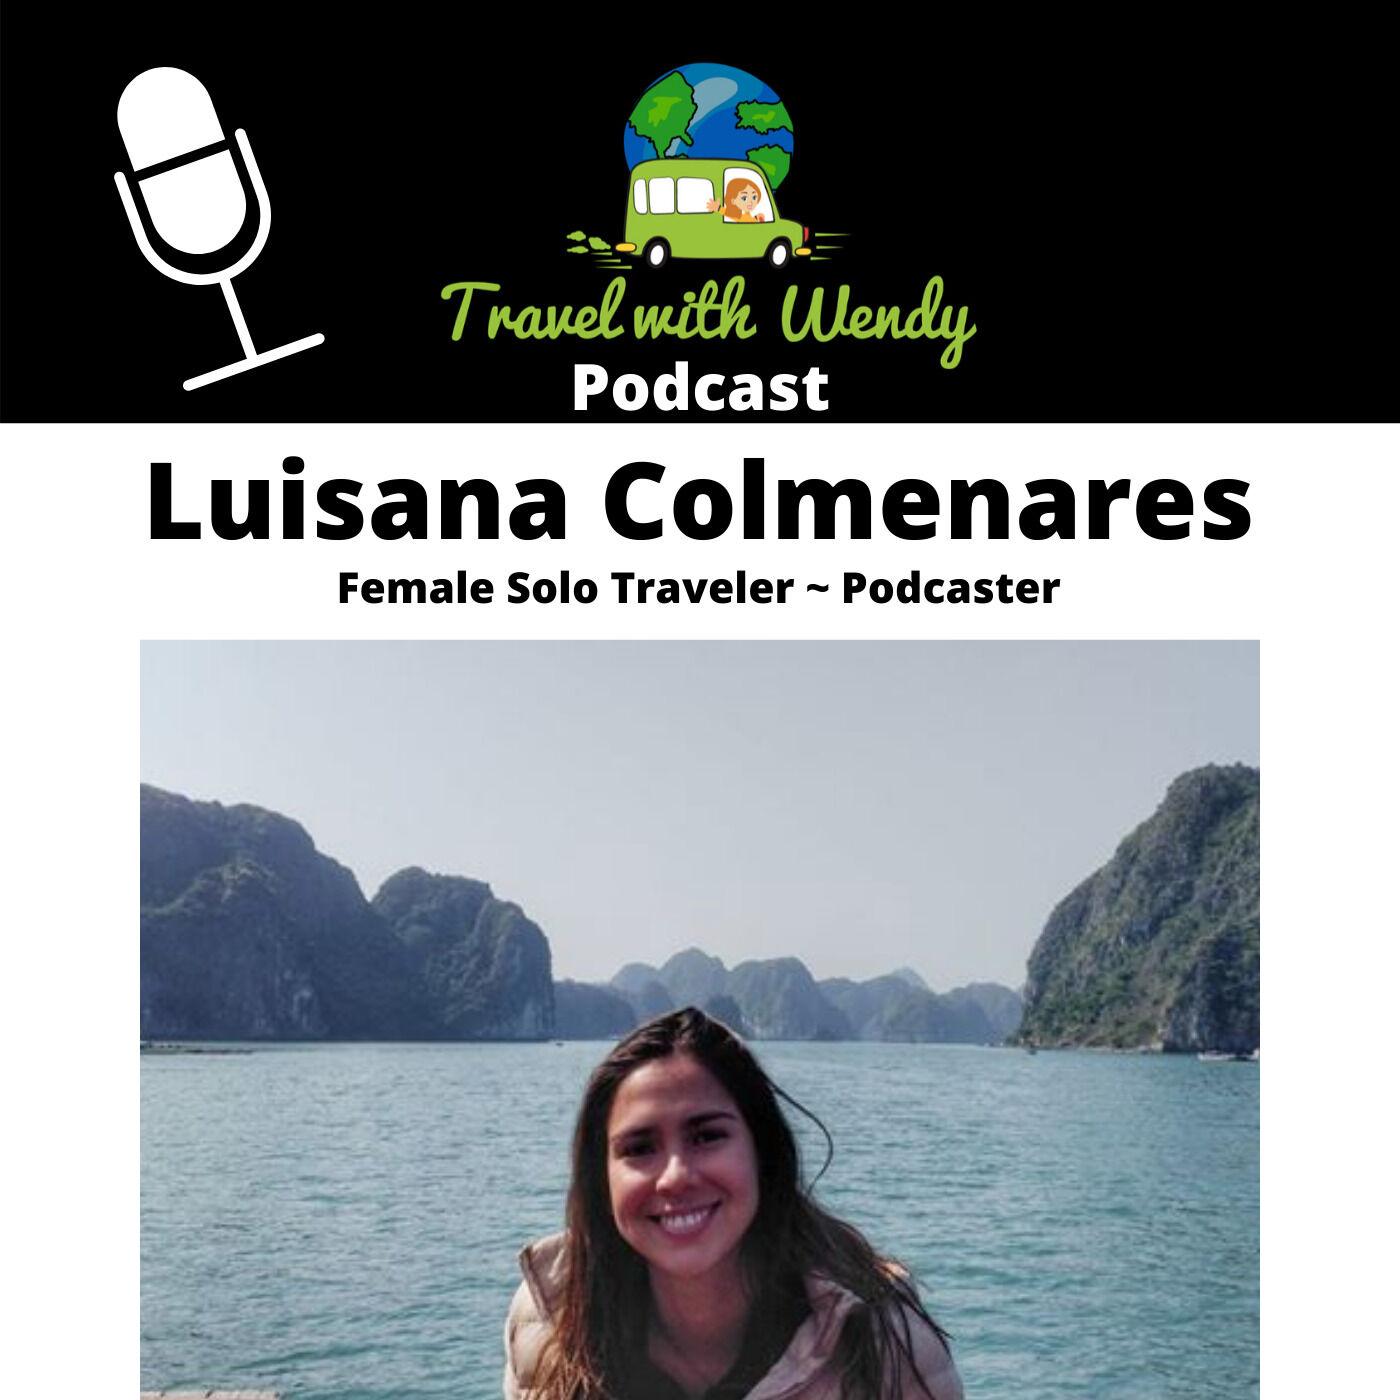 #7 Female SOLO Traveler - Luisana Colmenares